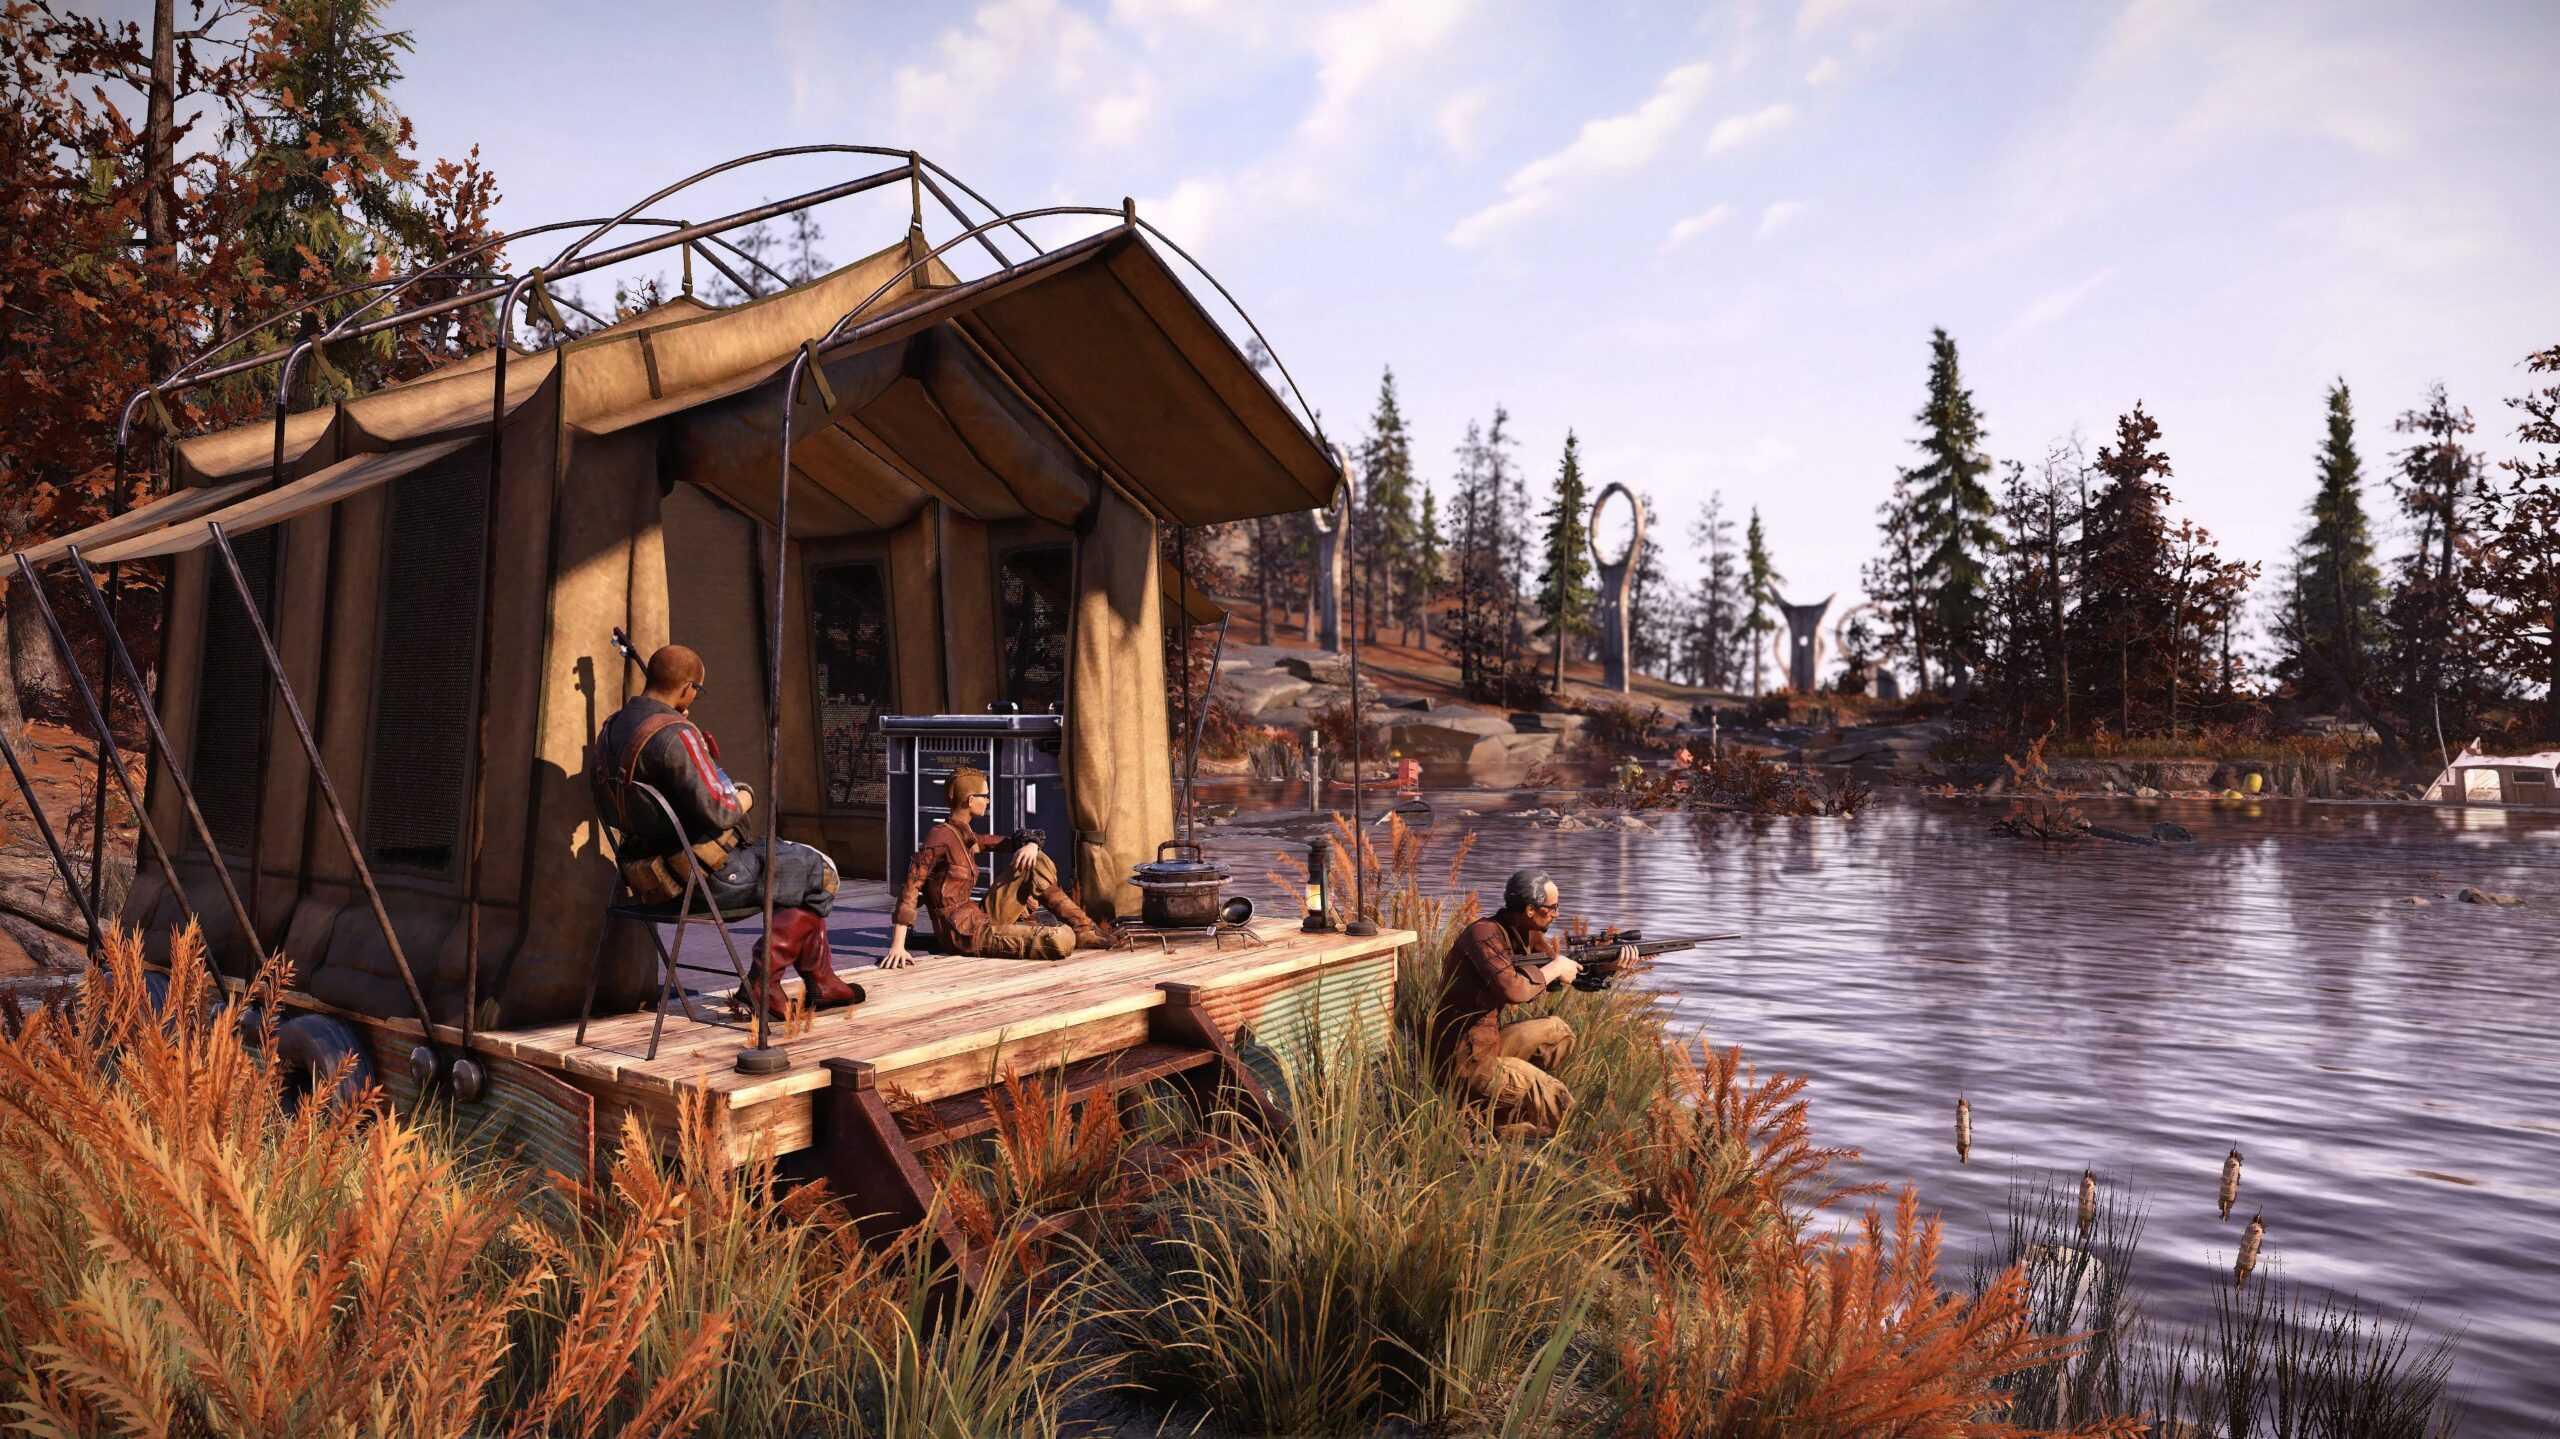 Обновление Fallout 76 Locked & Loaded позволит вам иметь несколько лагерей и комплектов экипировки